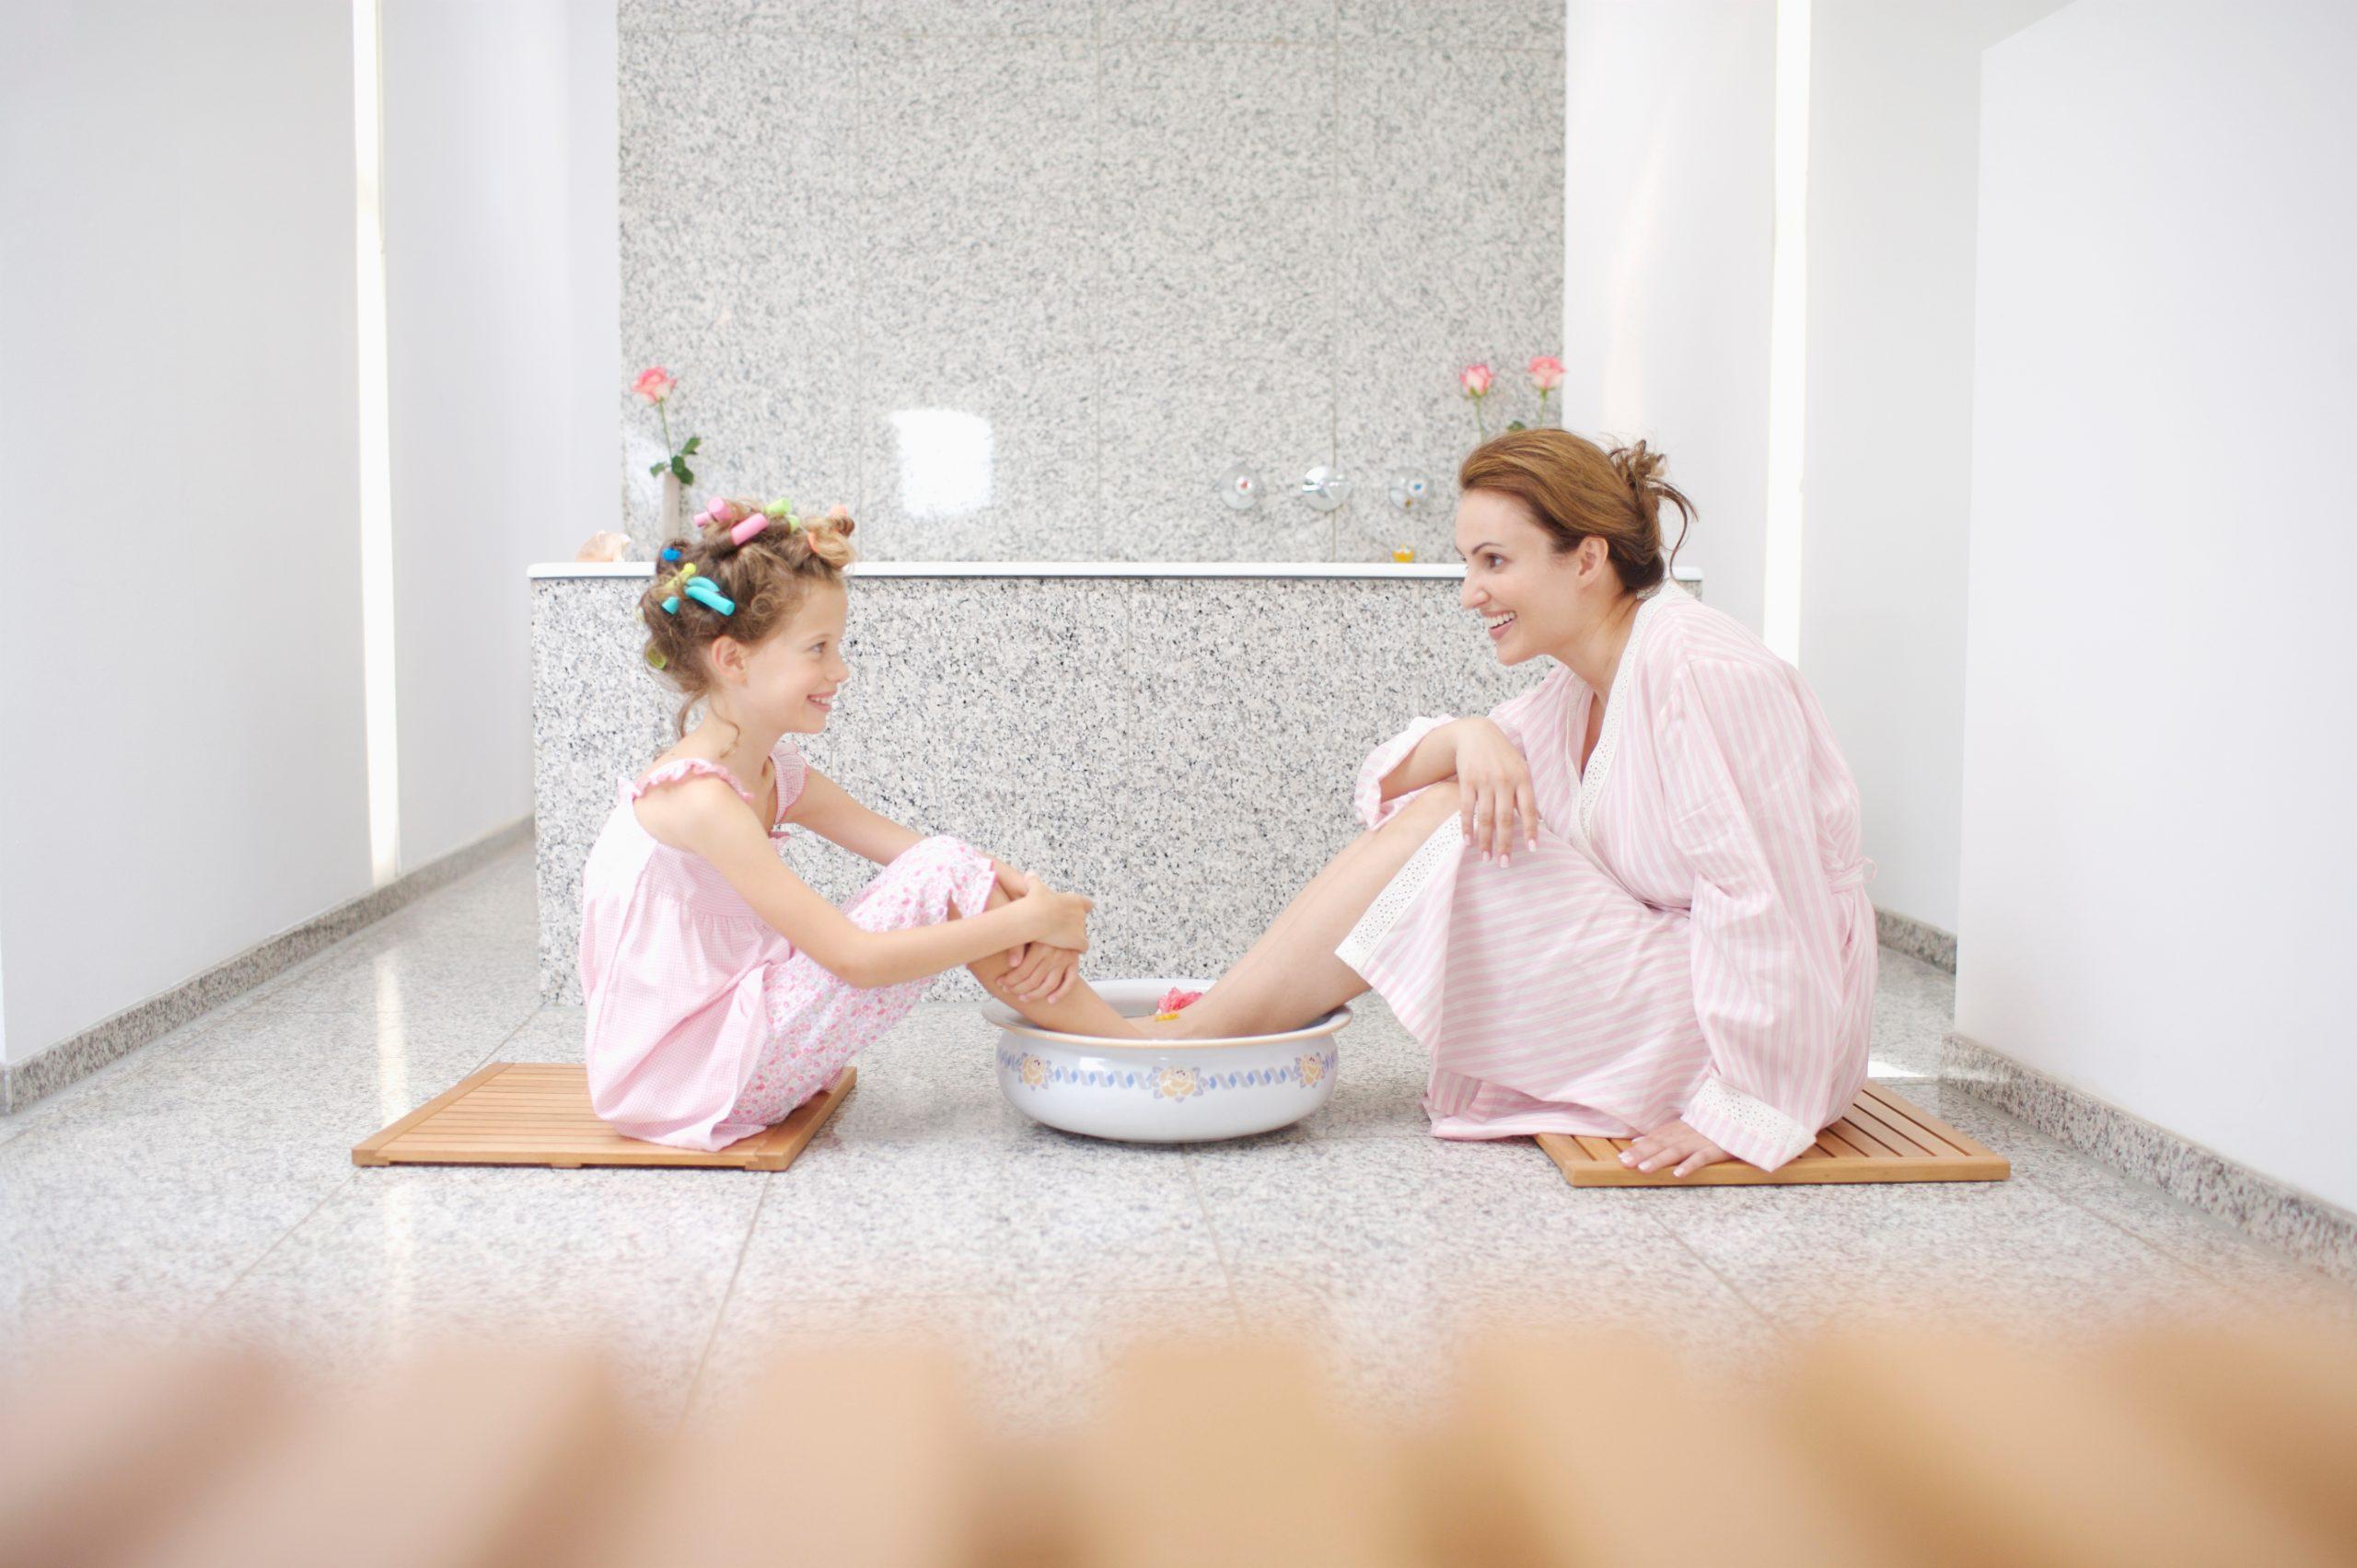 Как парить ноги ребенку: делаем процедуру правильно